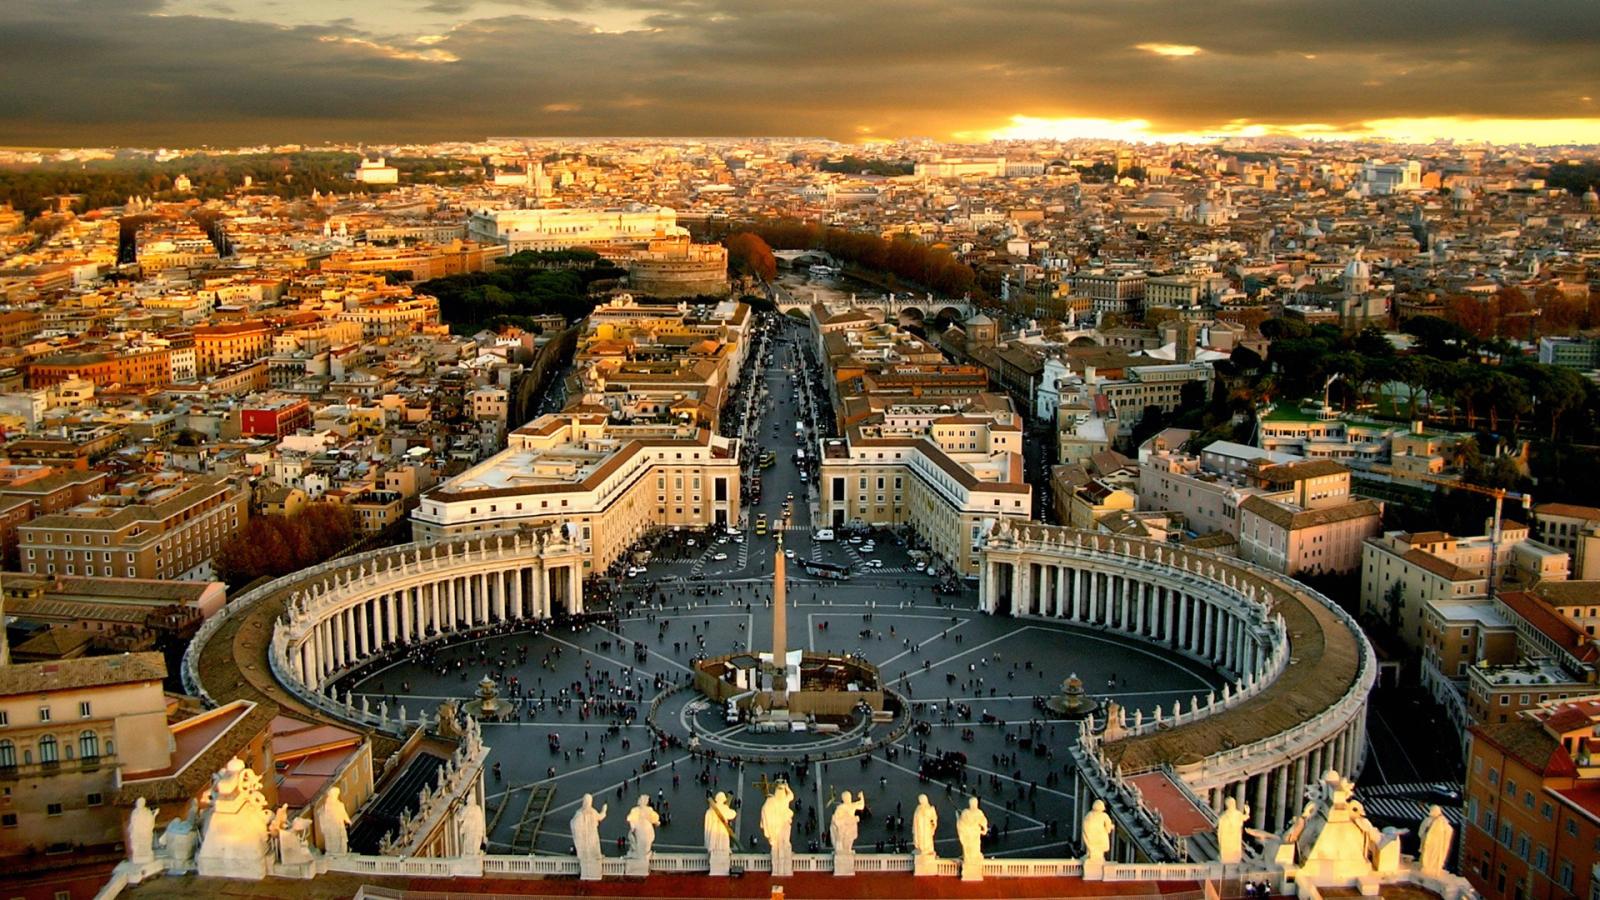 Roma, terminato il percorso #RomaAscoltaRoma: al via l'analisi delle proposte